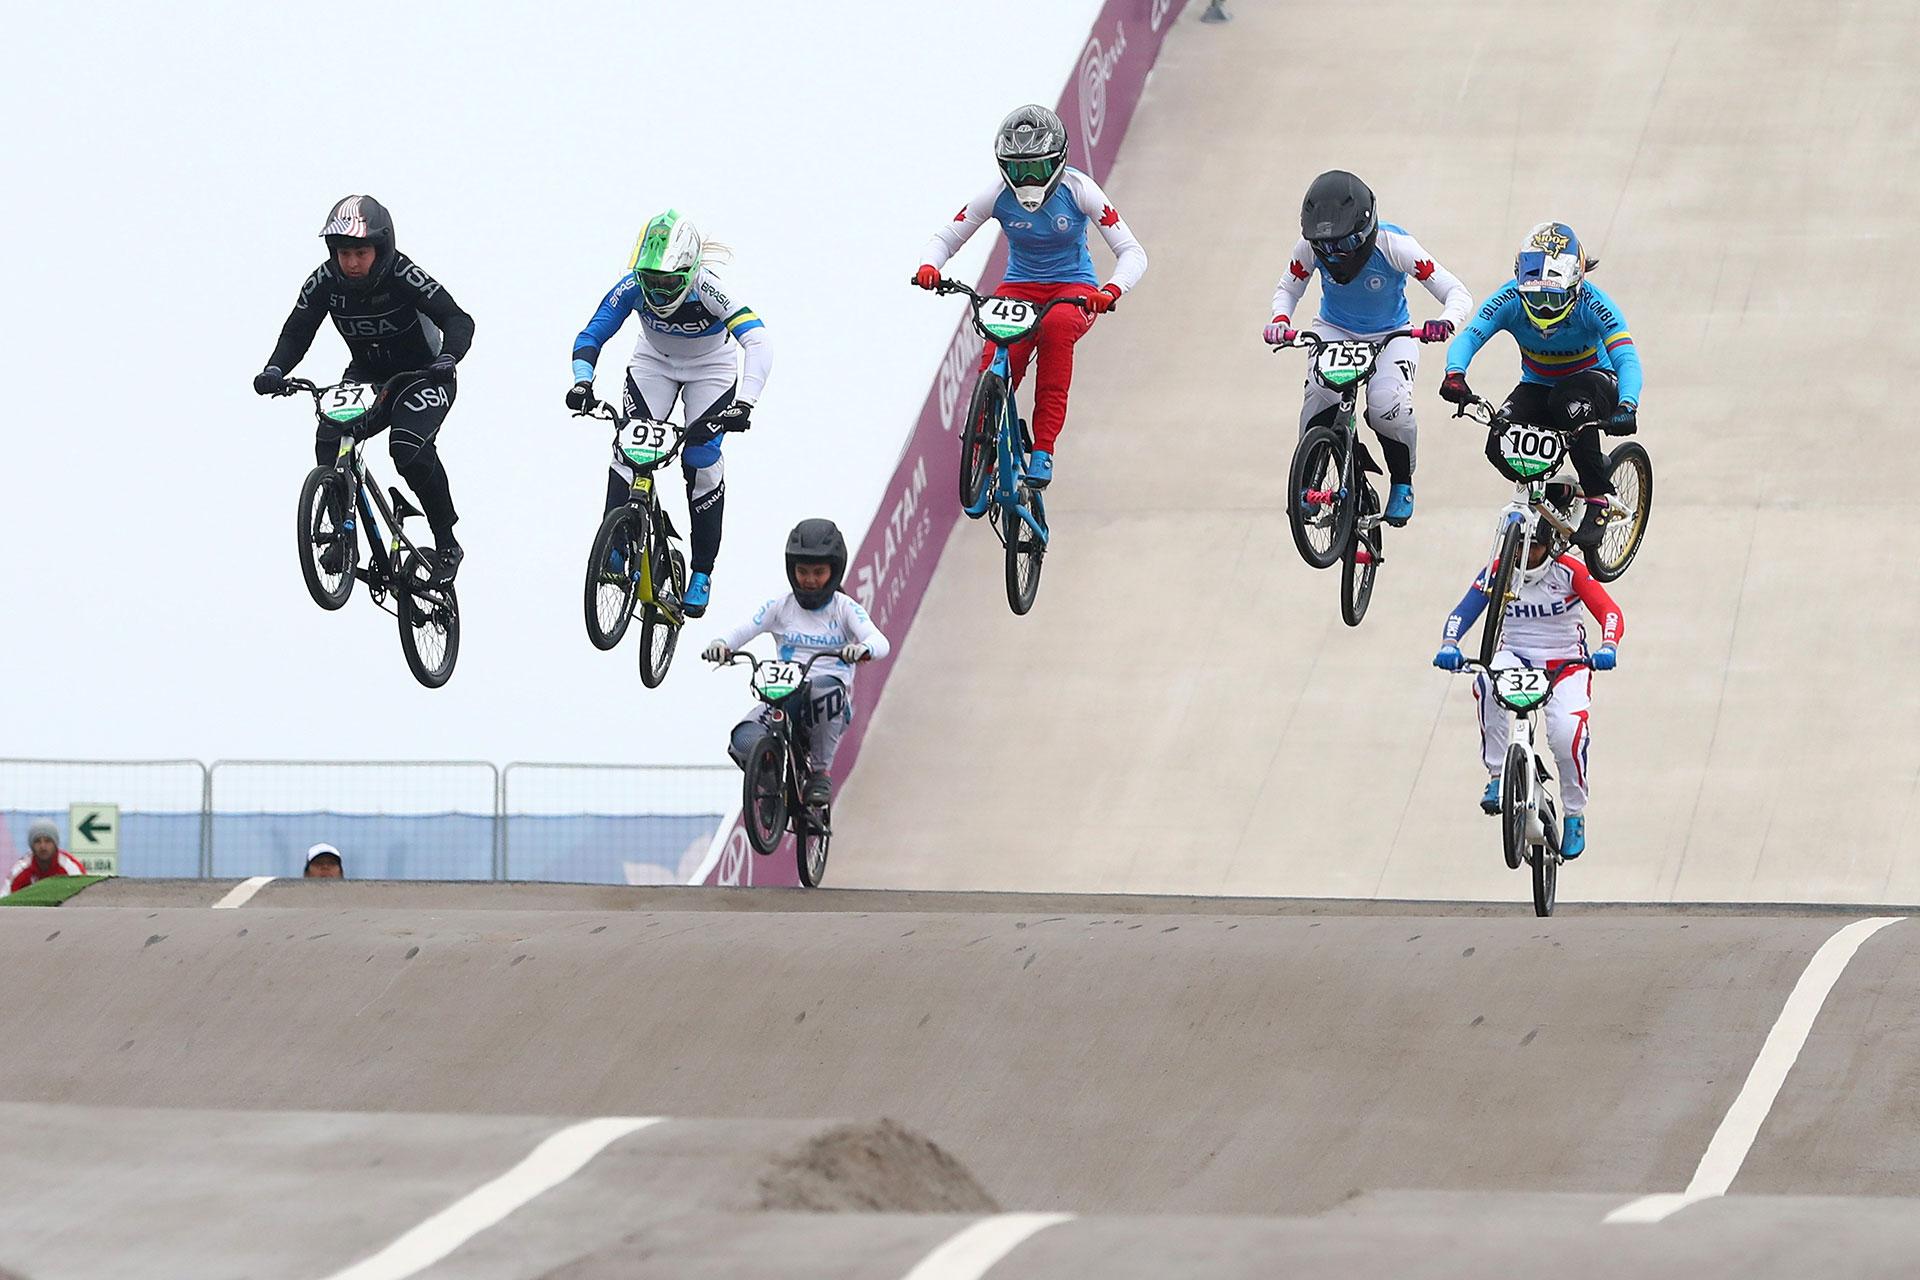 Los ciclistas vuelan en la prueba de BMX